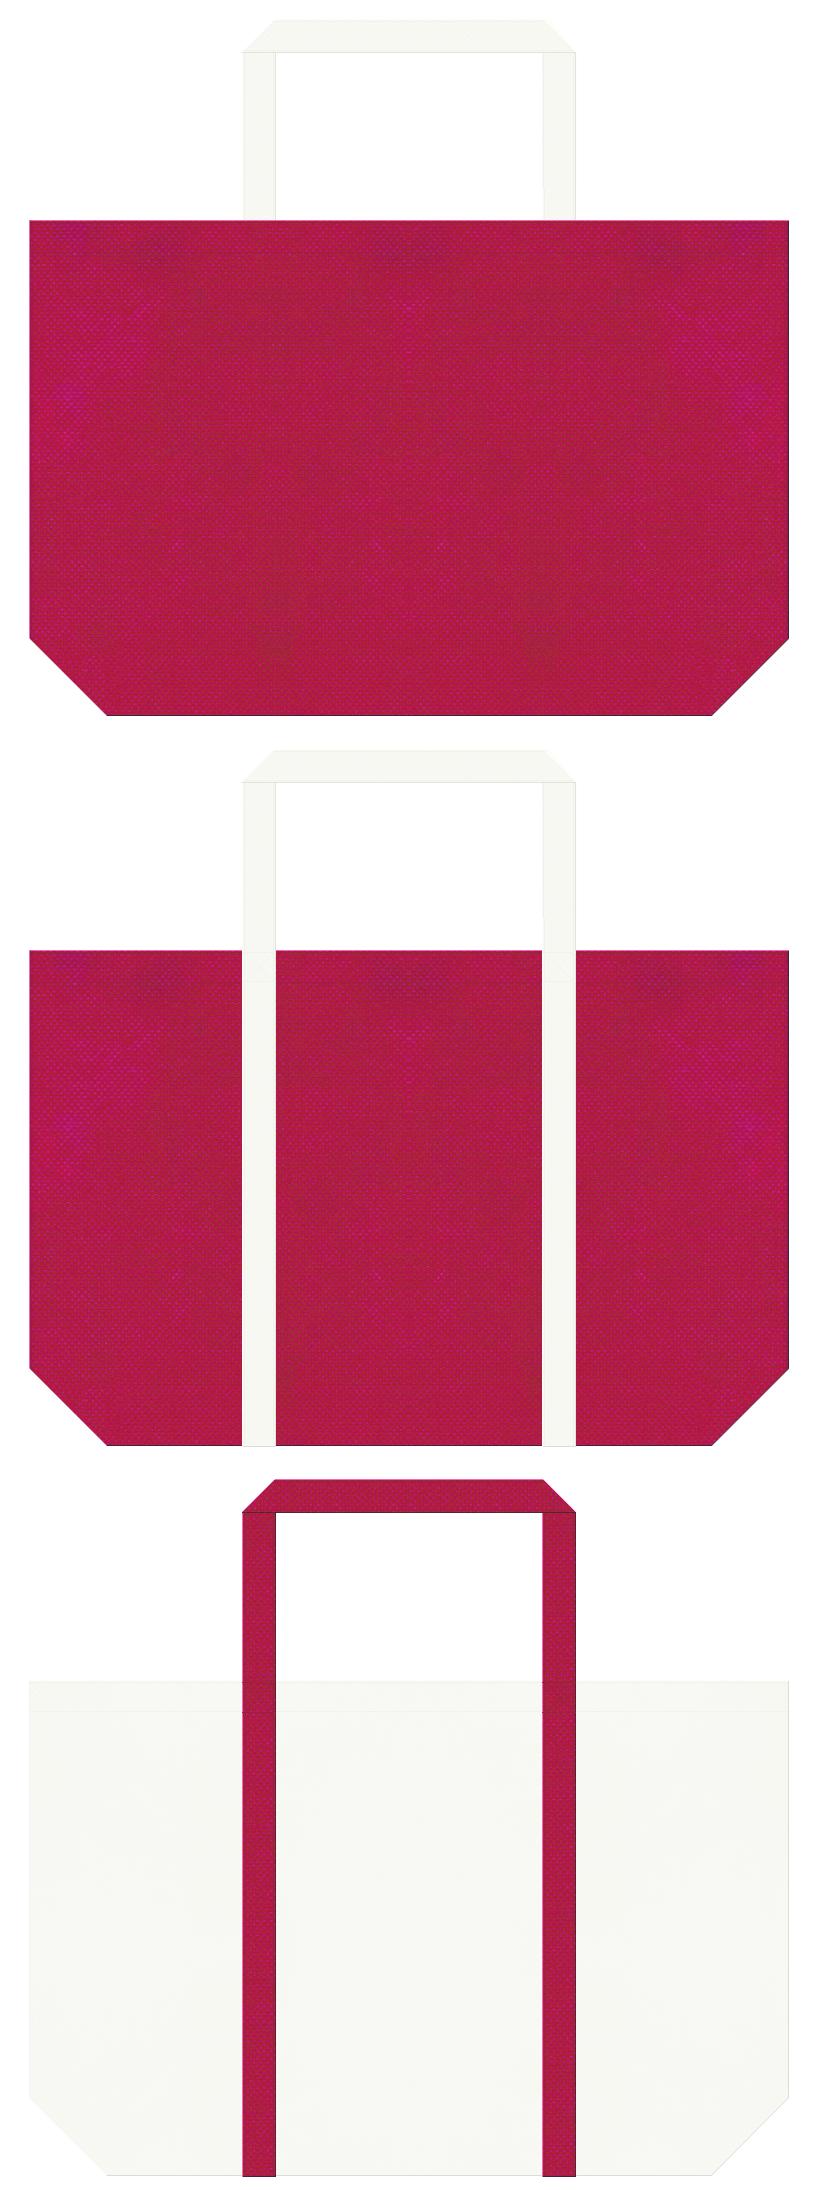 イチゴミルク・ブーケ・ウェディング・ドレス・スワン・フラミンゴ・バレエ・医療施設・医療ユニフォームにお奨めの不織布バッグデザイン:濃いピンク色とオフホワイト色のコーデ